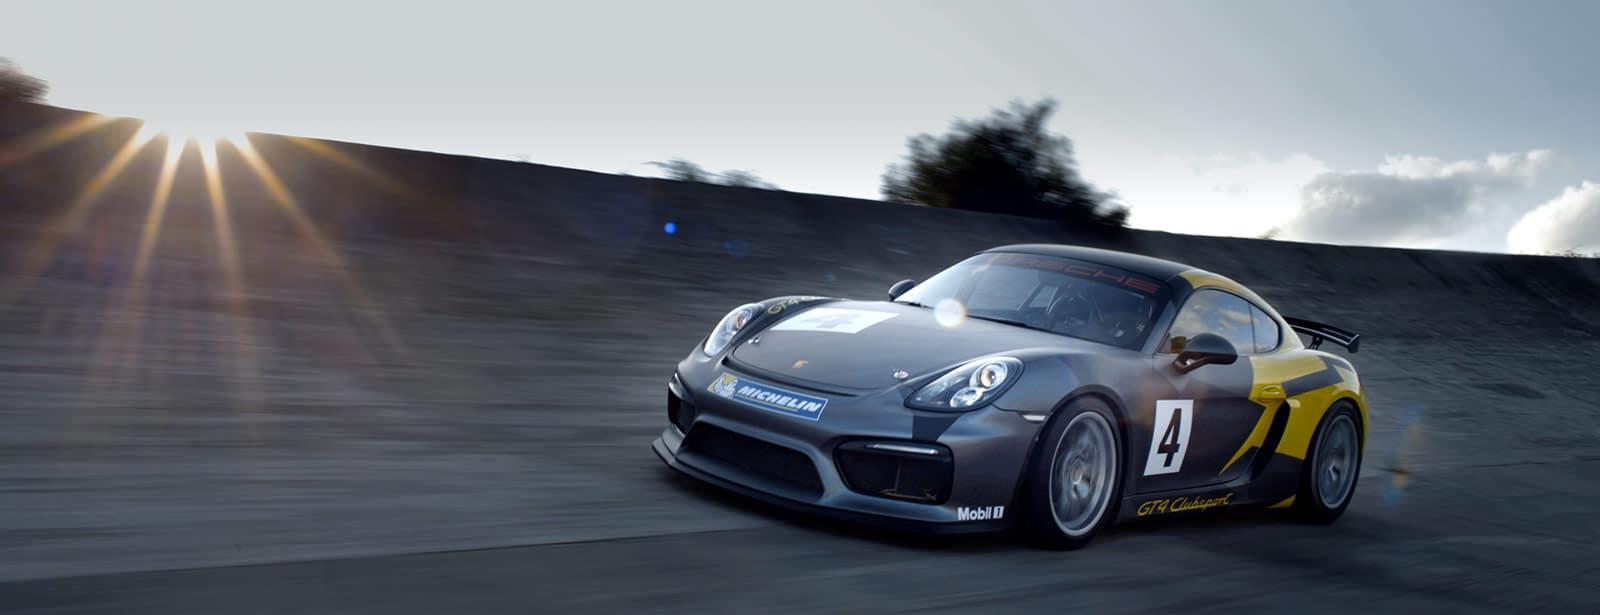 Porsche Cayman GT4 Clubsport rental